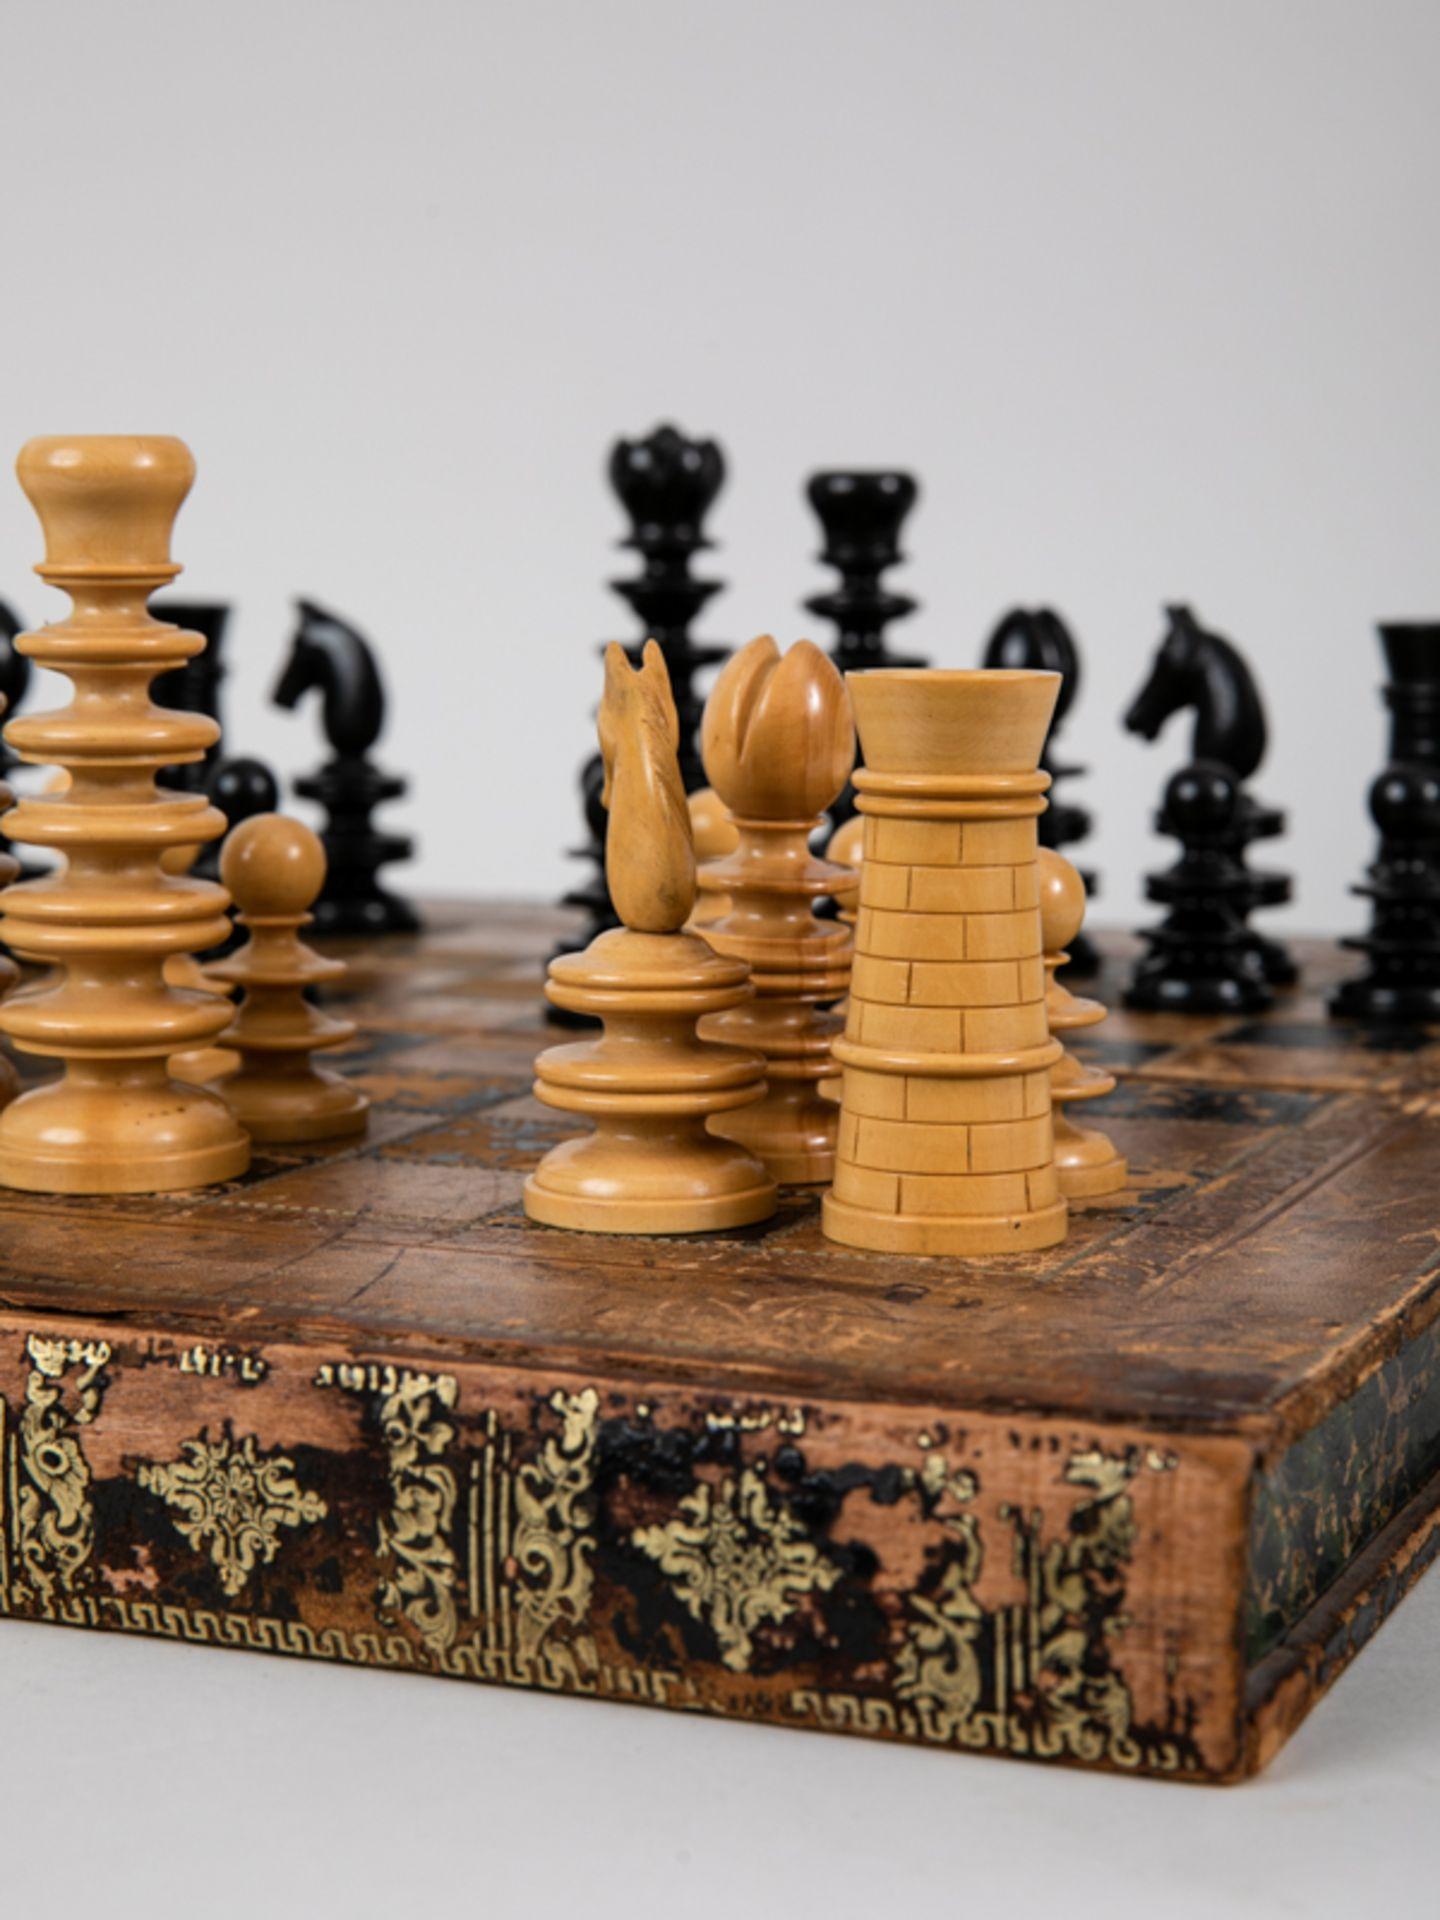 Schachspiel, wohl England, 19./Anf. 20. Jh. Lederbezogene hölzerne Spielbrett-Kassette mit 32 - Bild 3 aus 5